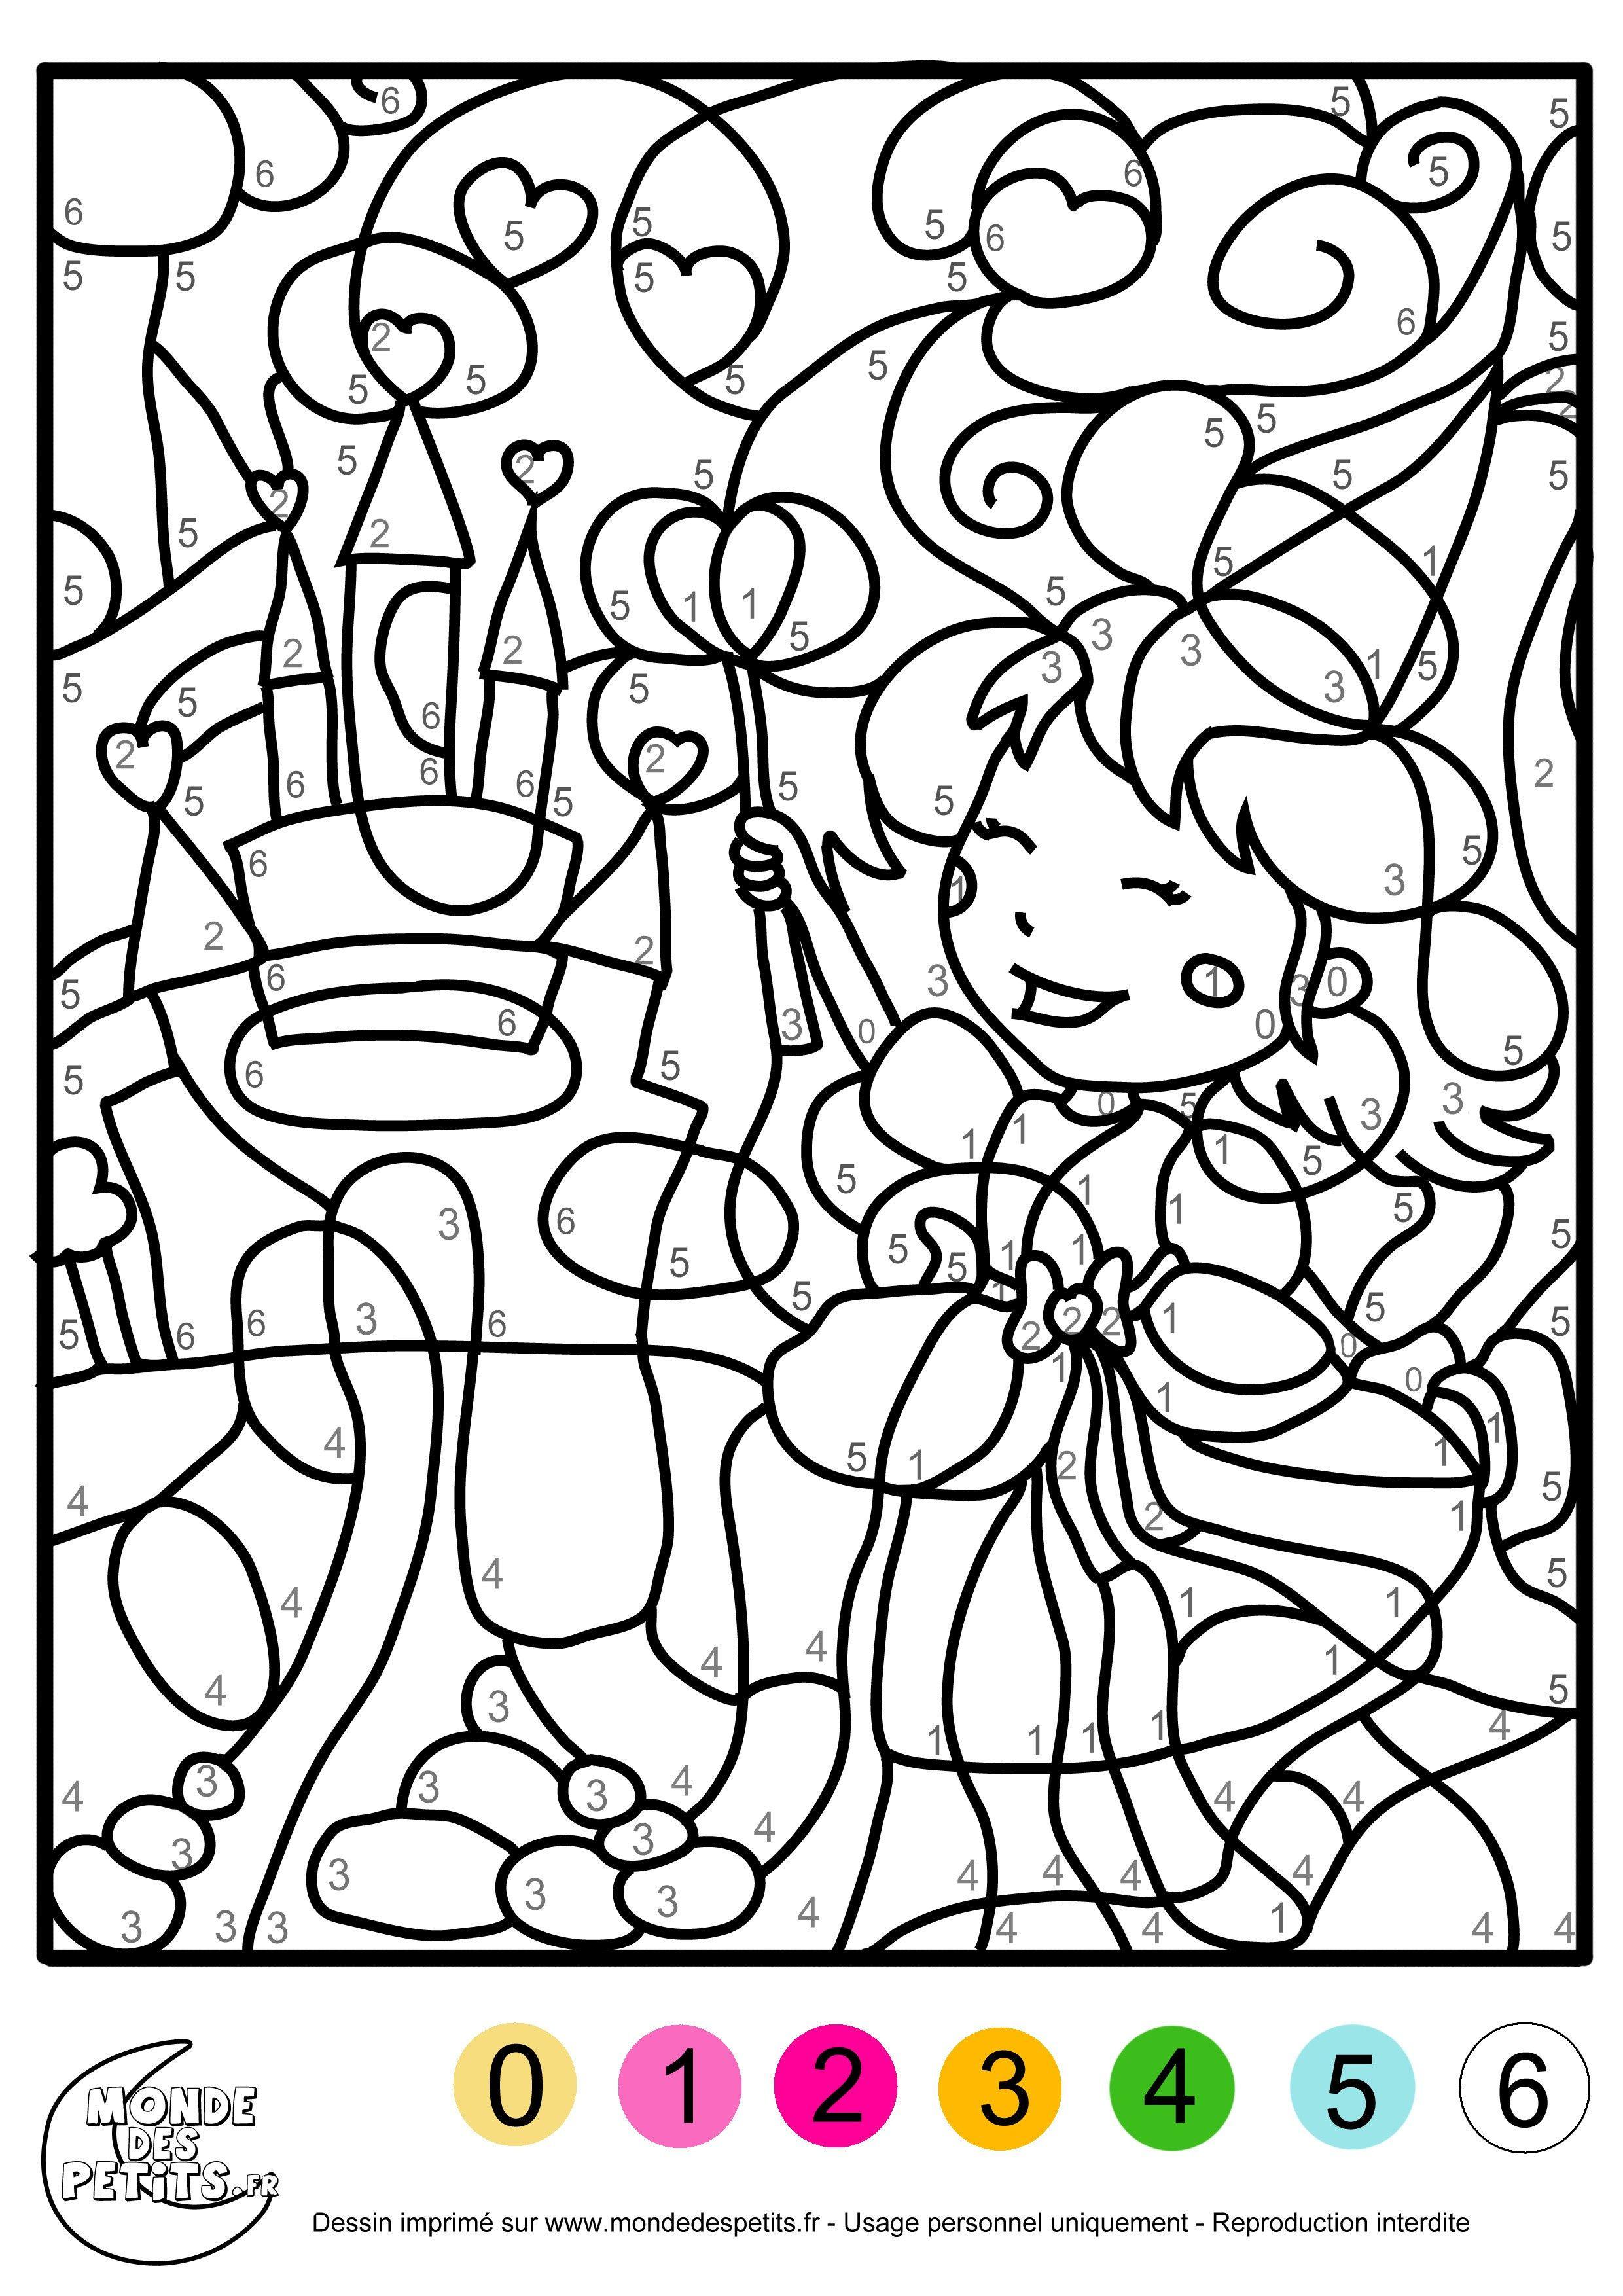 Coloriage Pour Ado De 13 Ans : coloriage, Utile, Coloriage, Fille, Photos, Numéroté,, Magique,, Gratuit